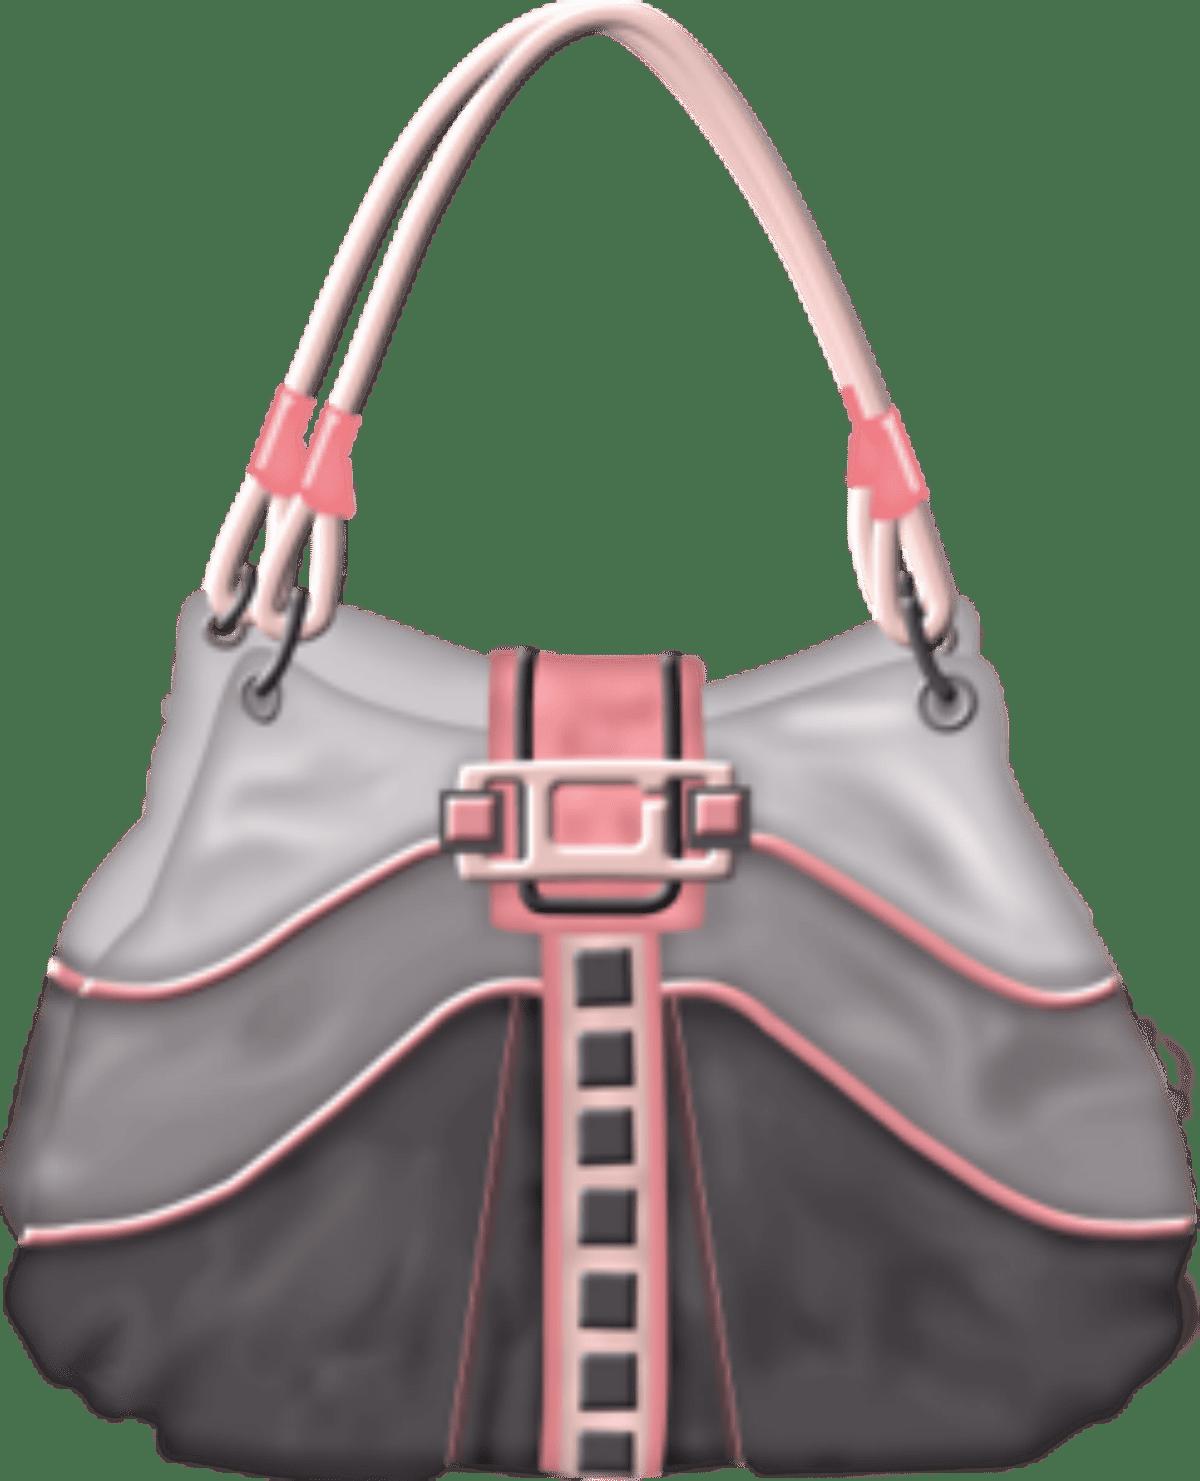 Смотрите, какие сумочки! Выберите сумочку которуи узнайте, кое-что интересное!